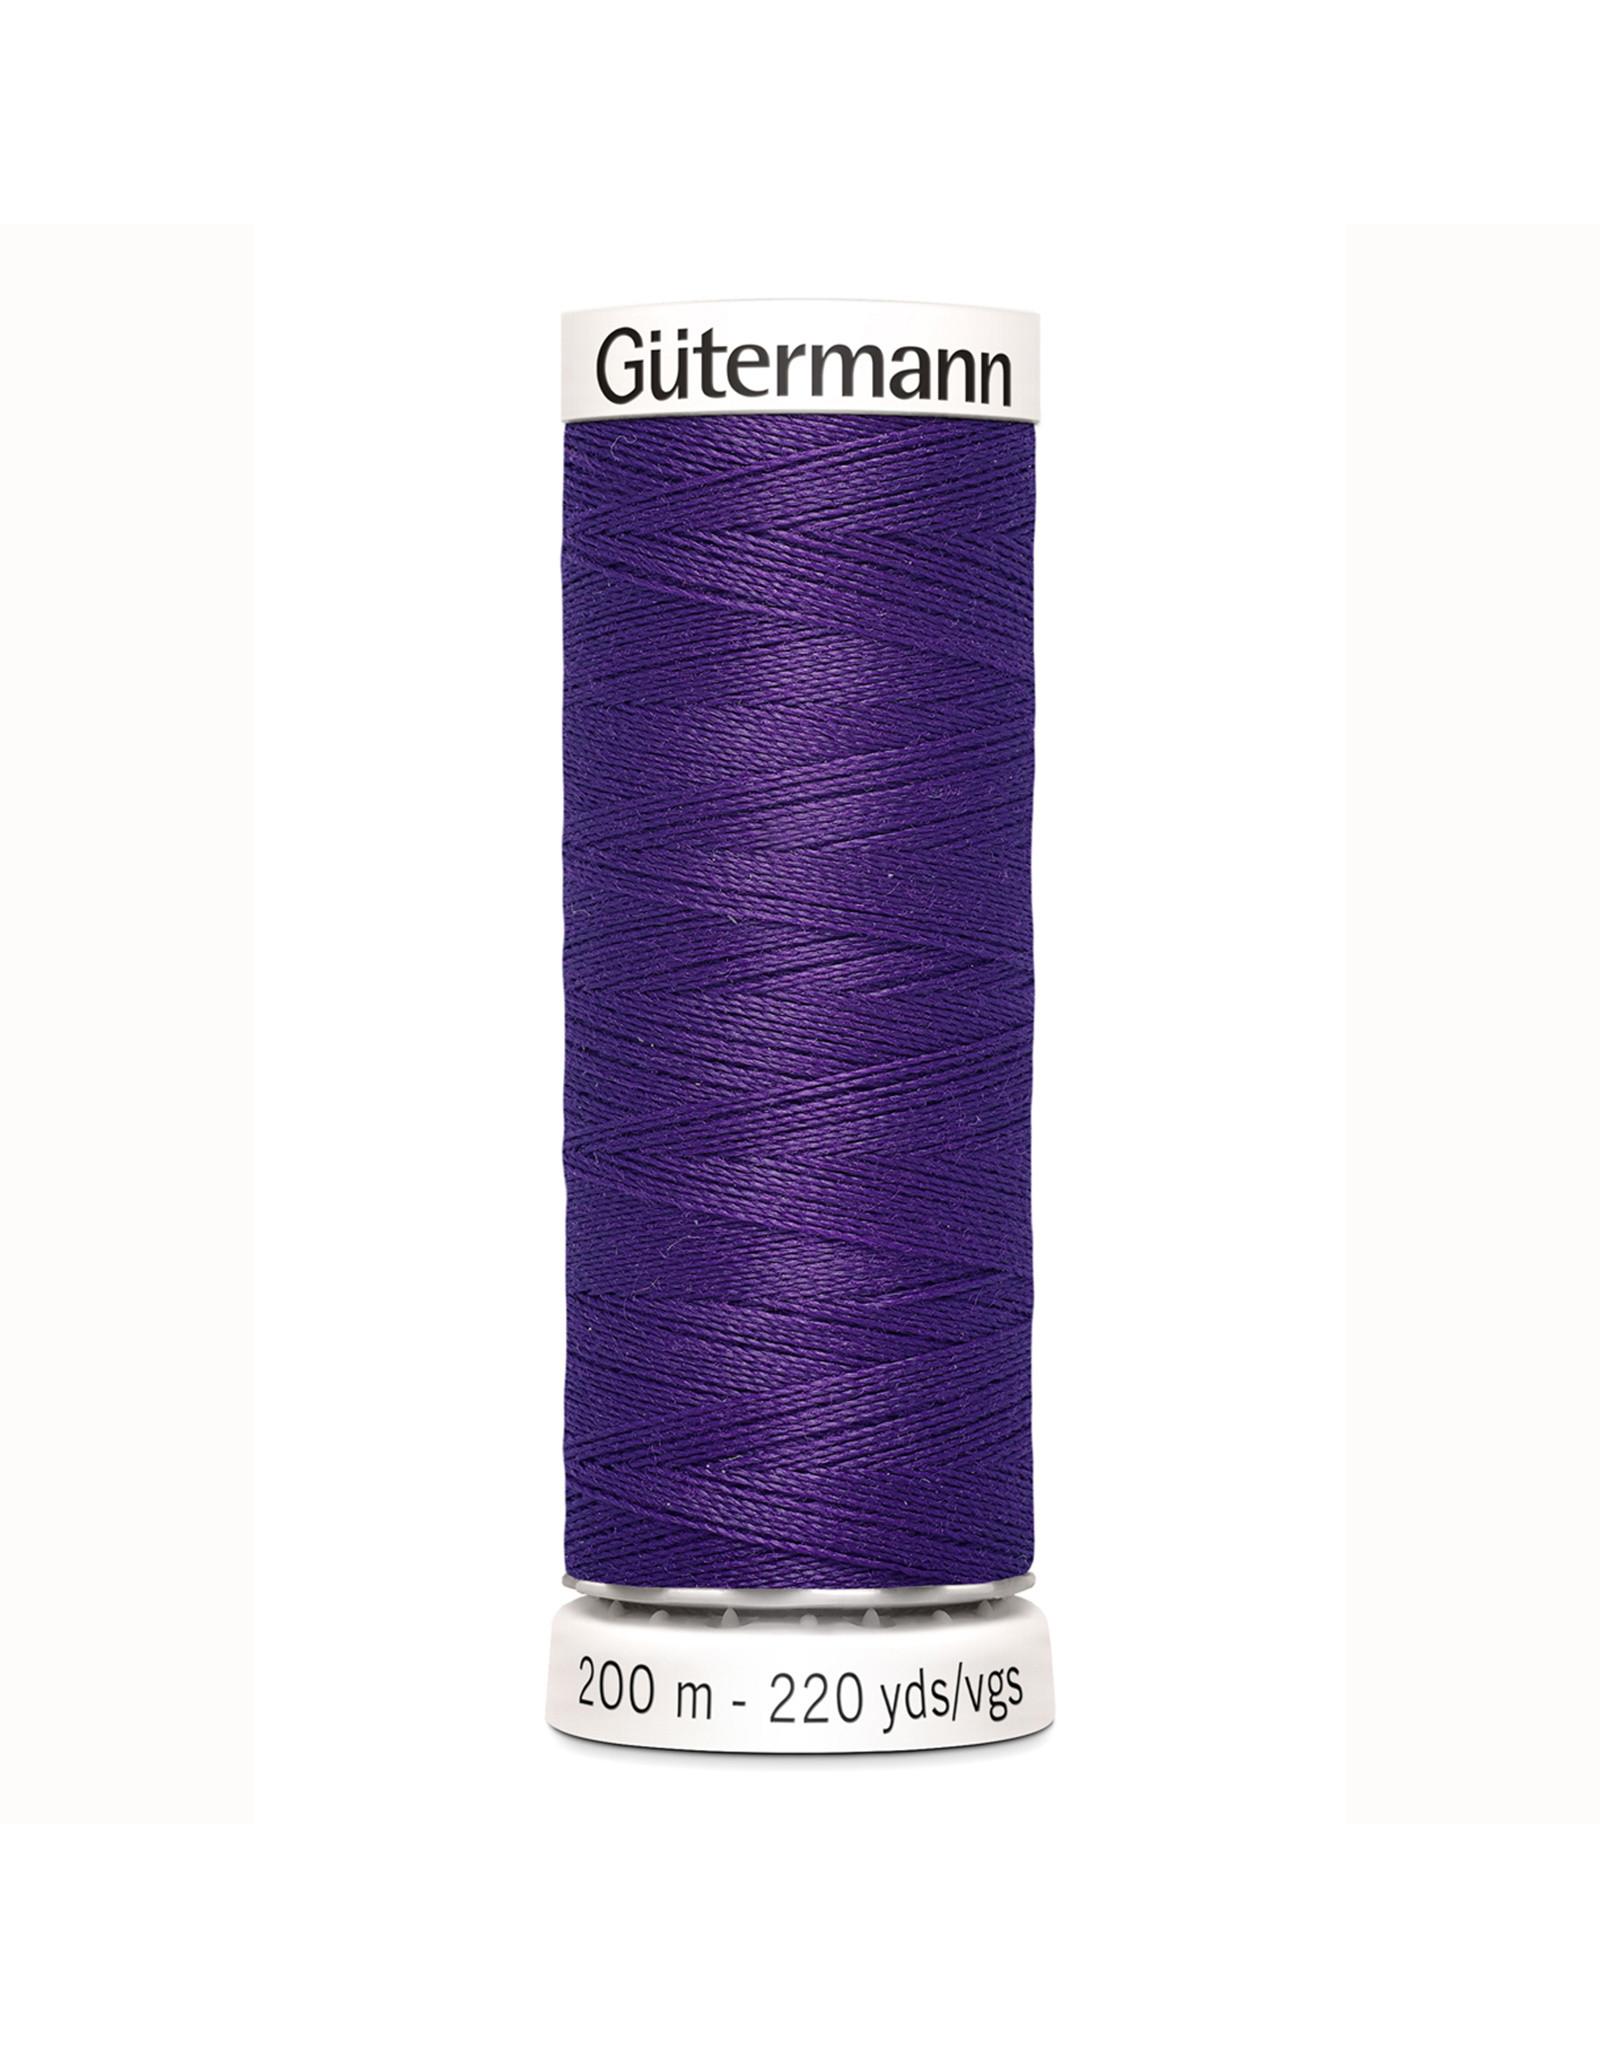 Gütermann Gütermann Nähgarn 200 m - nr 373